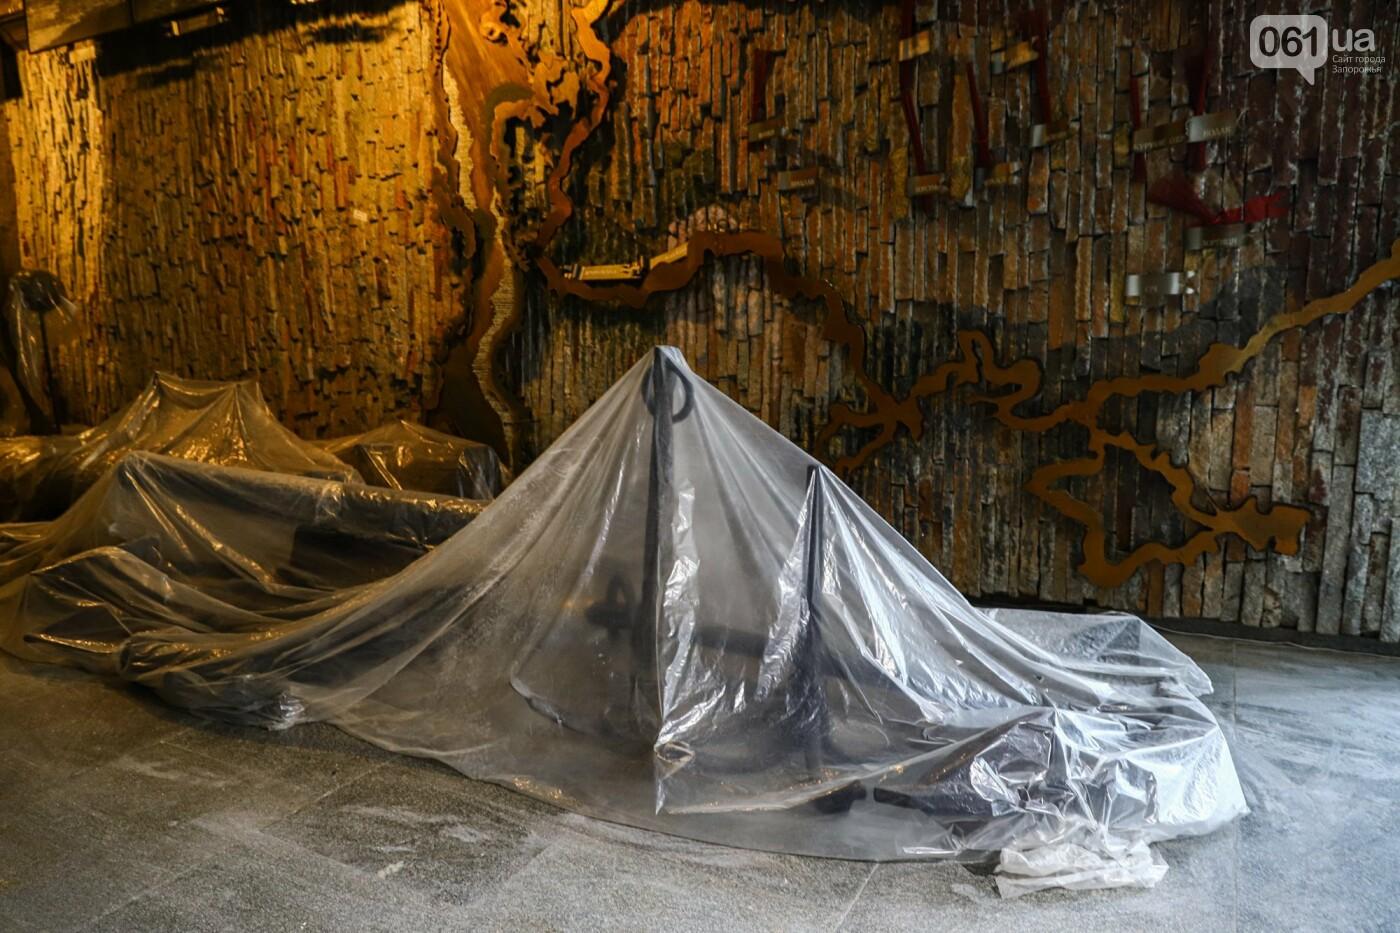 Музей истории запорожского казачества в ожидании реконструкции: как сейчас выглядит аварийное здание, - ФОТОРЕПОРТАЖ, фото-39